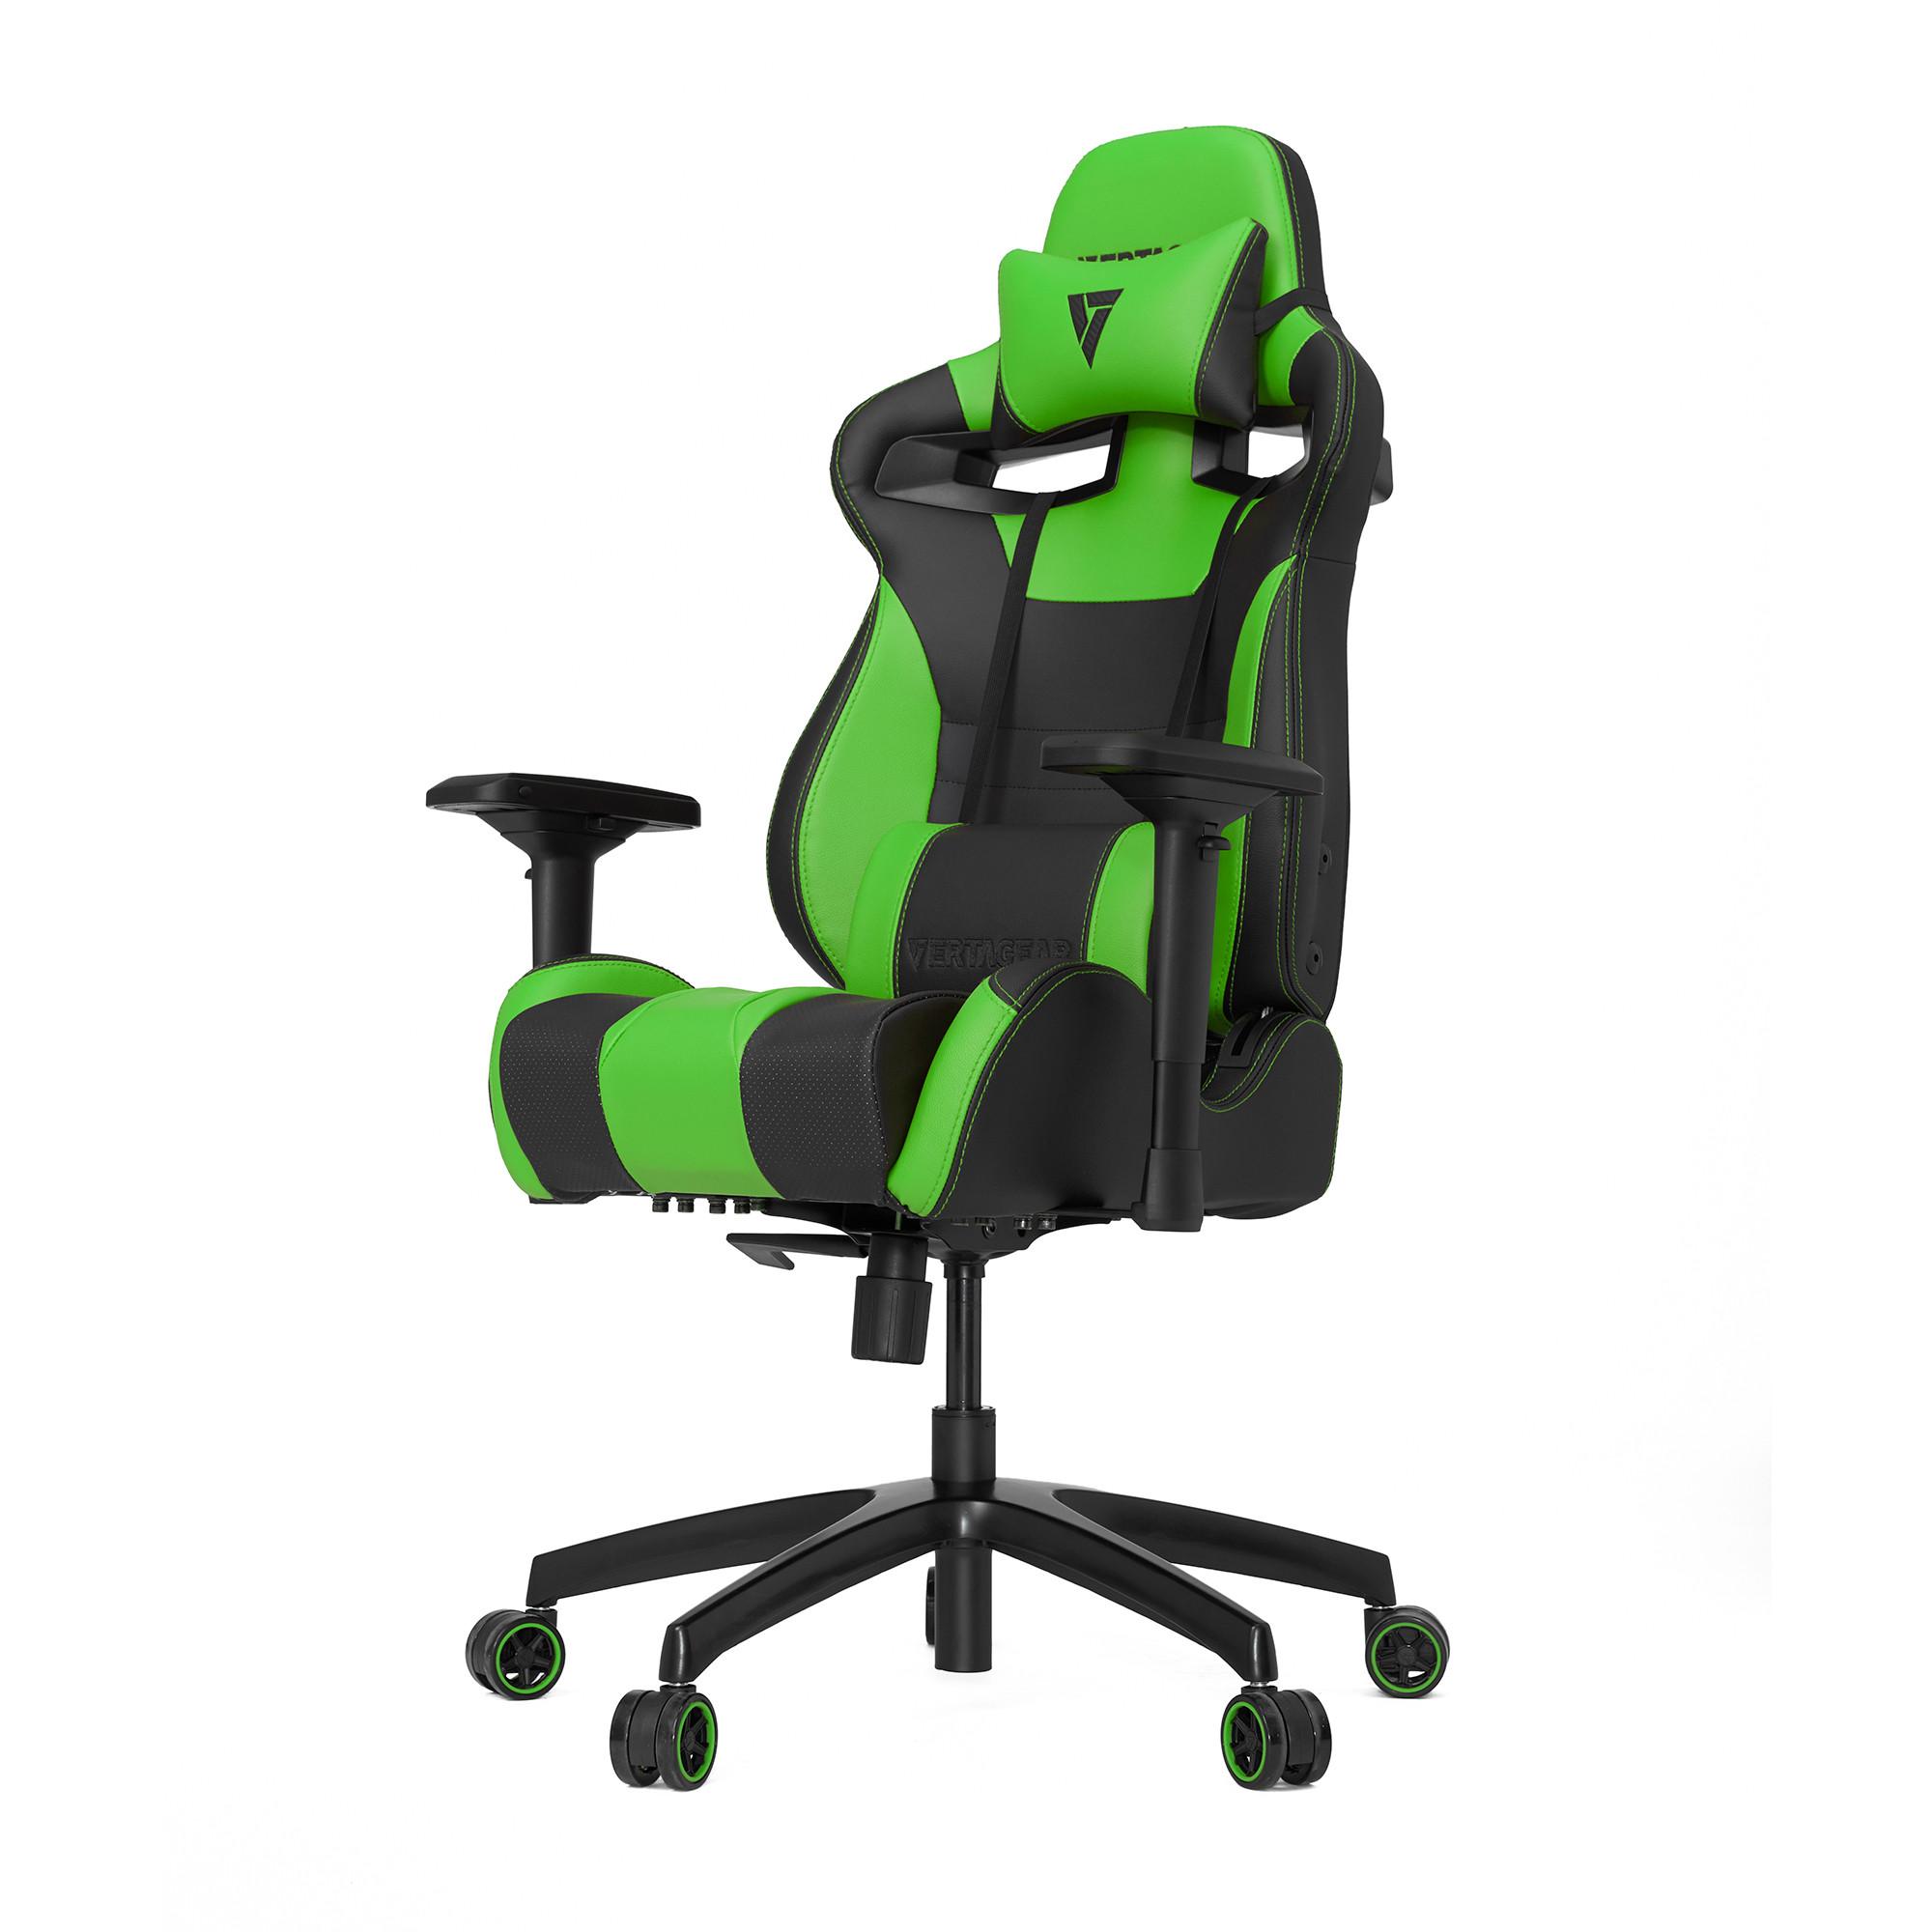 Профессиональное киберспортивное кресло Vertagear SL4000 черный/зеленыйНабивка в SL-4000 сделанная из высокоплотной эластичной пены, которая добавляет отличную поддержку и удобство в положении сидя.&#13;<br>&#13;<br>Элегантное исполнение модели SL-4000 сделано из высококачественной PVC кожи, которая делает покрытие невероятно прочным и дает креслу роскошный вид. Этот материал легко чистить и поддерживать в хорошем состоянии, благодаря цветной прошивке и водозащитным характеристикам.<br>